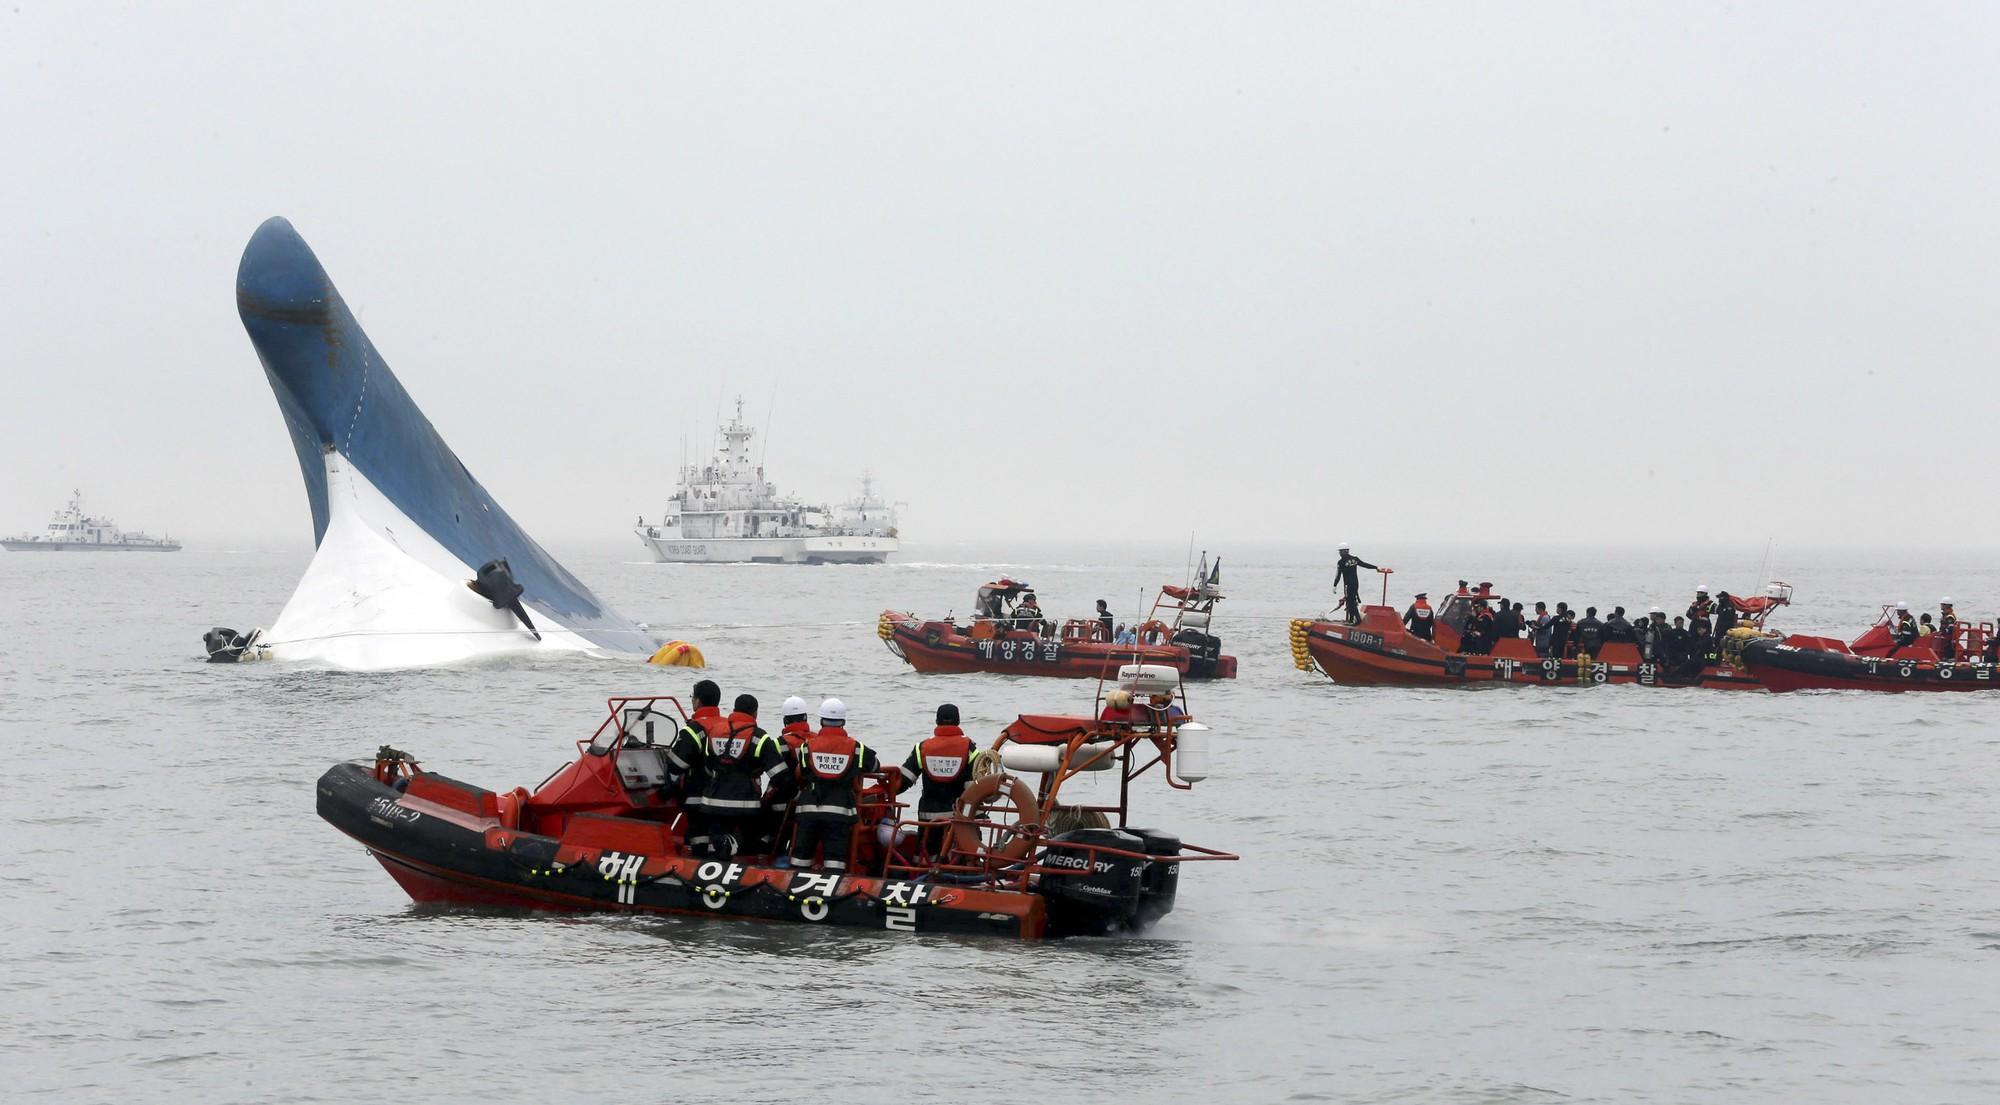 Những hình ảnh trong vụ chìm phà Sewol khiến hơn 300 người thiệt mạng vẫn khiến mọi người ám ảnh - Ảnh 2.